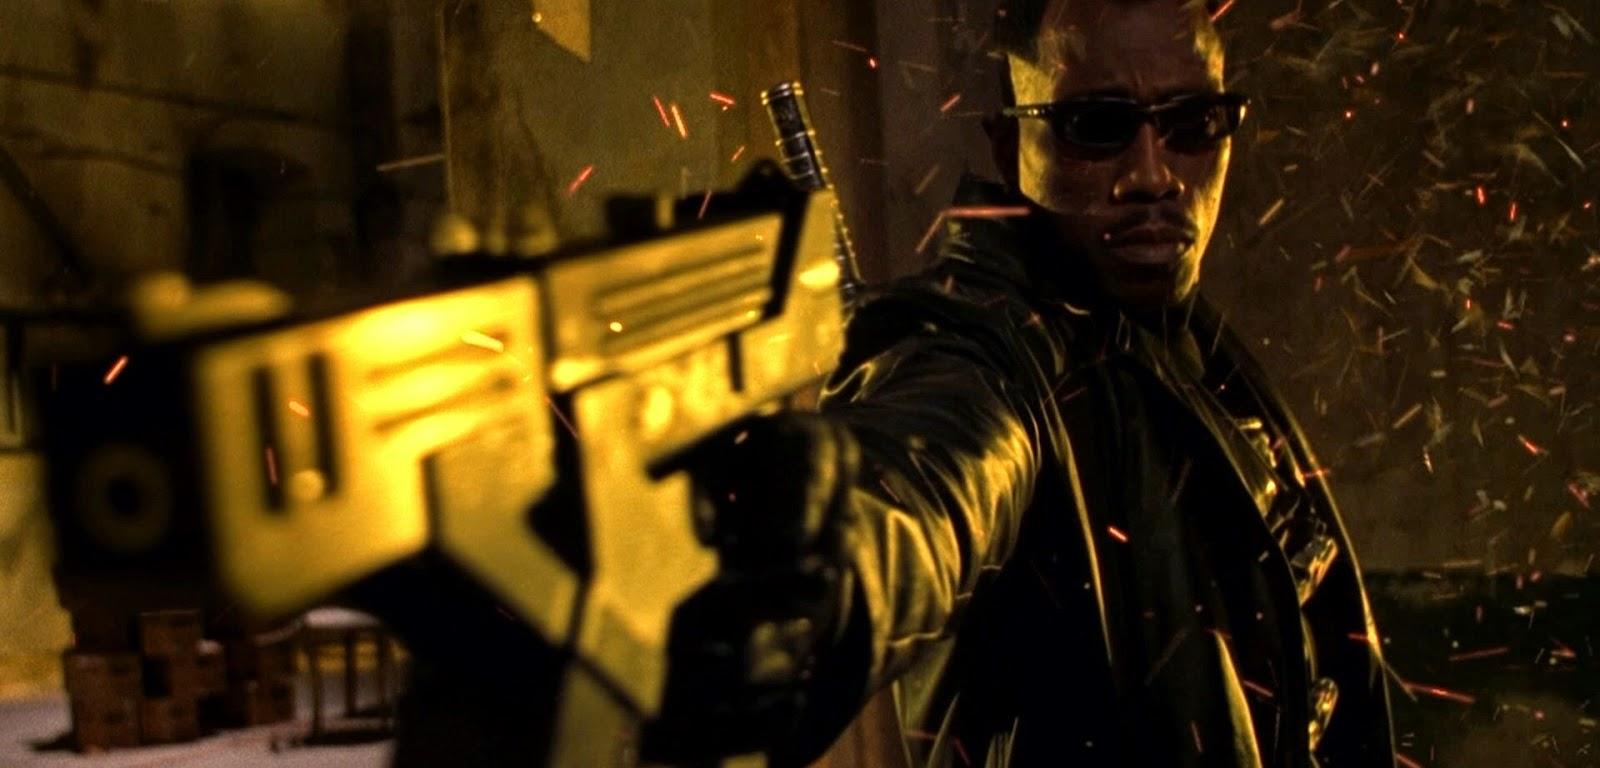 Site afirma que Wesley Snipes está retornando para Blade 4